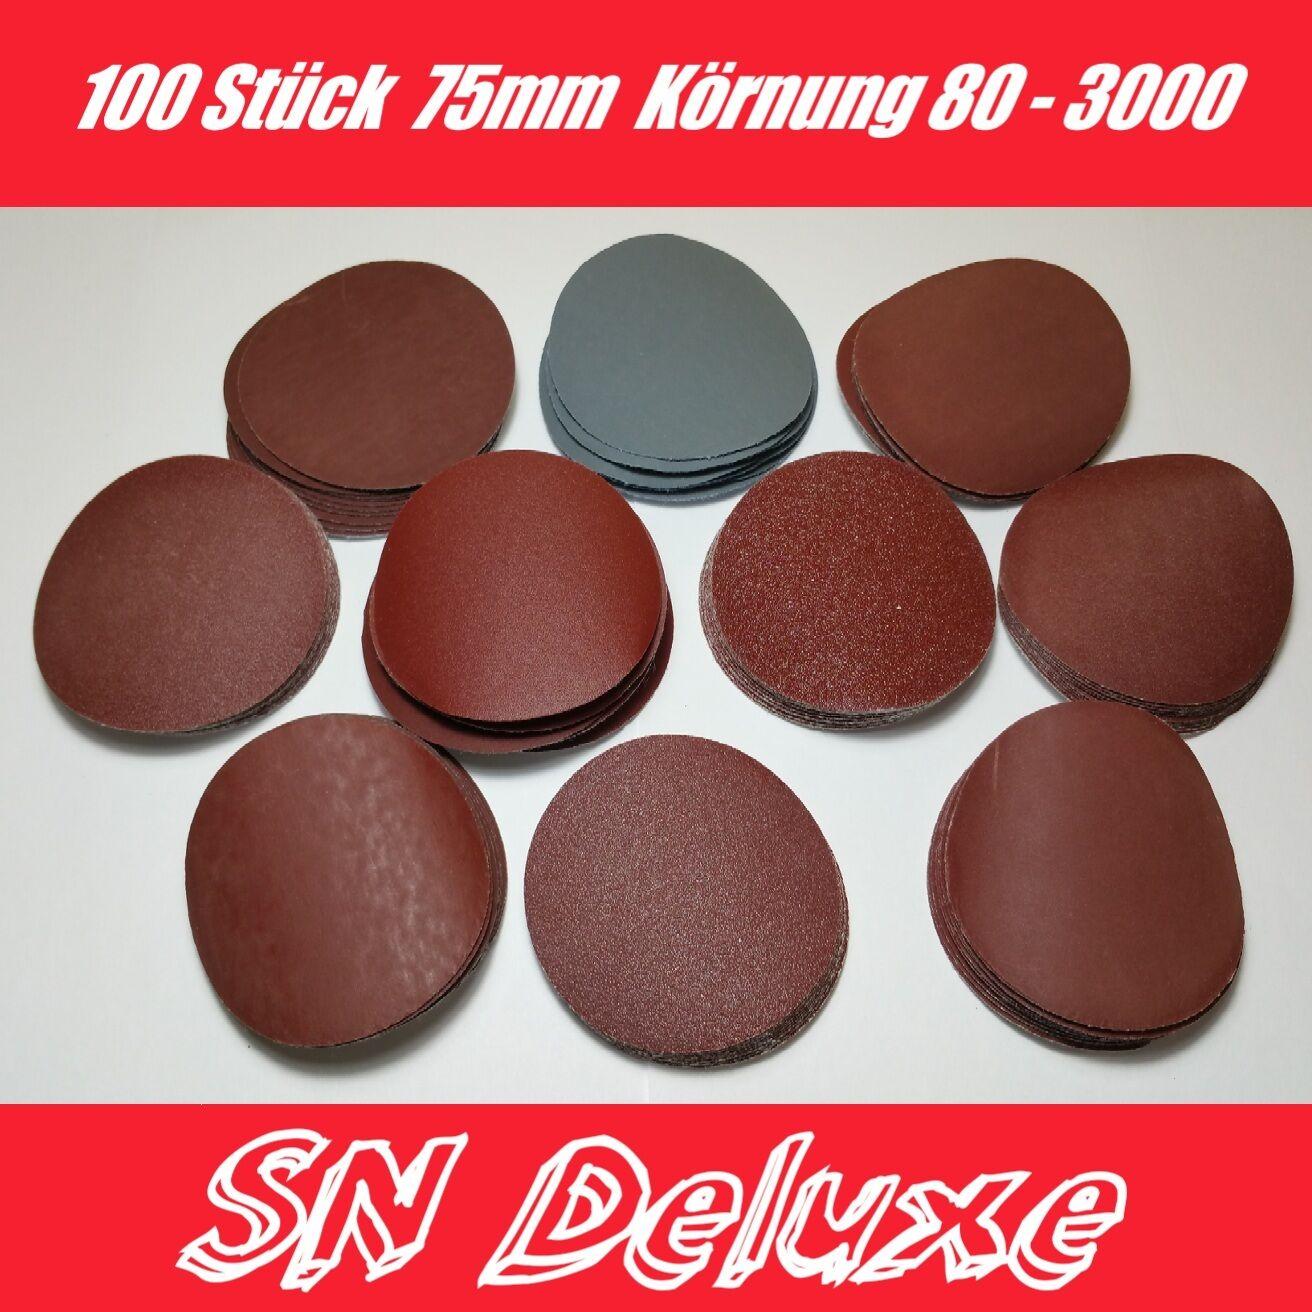 100X Schleifscheiben klett Set 75mm 80-3000er Körnung Schleifpapier Lack Dremel